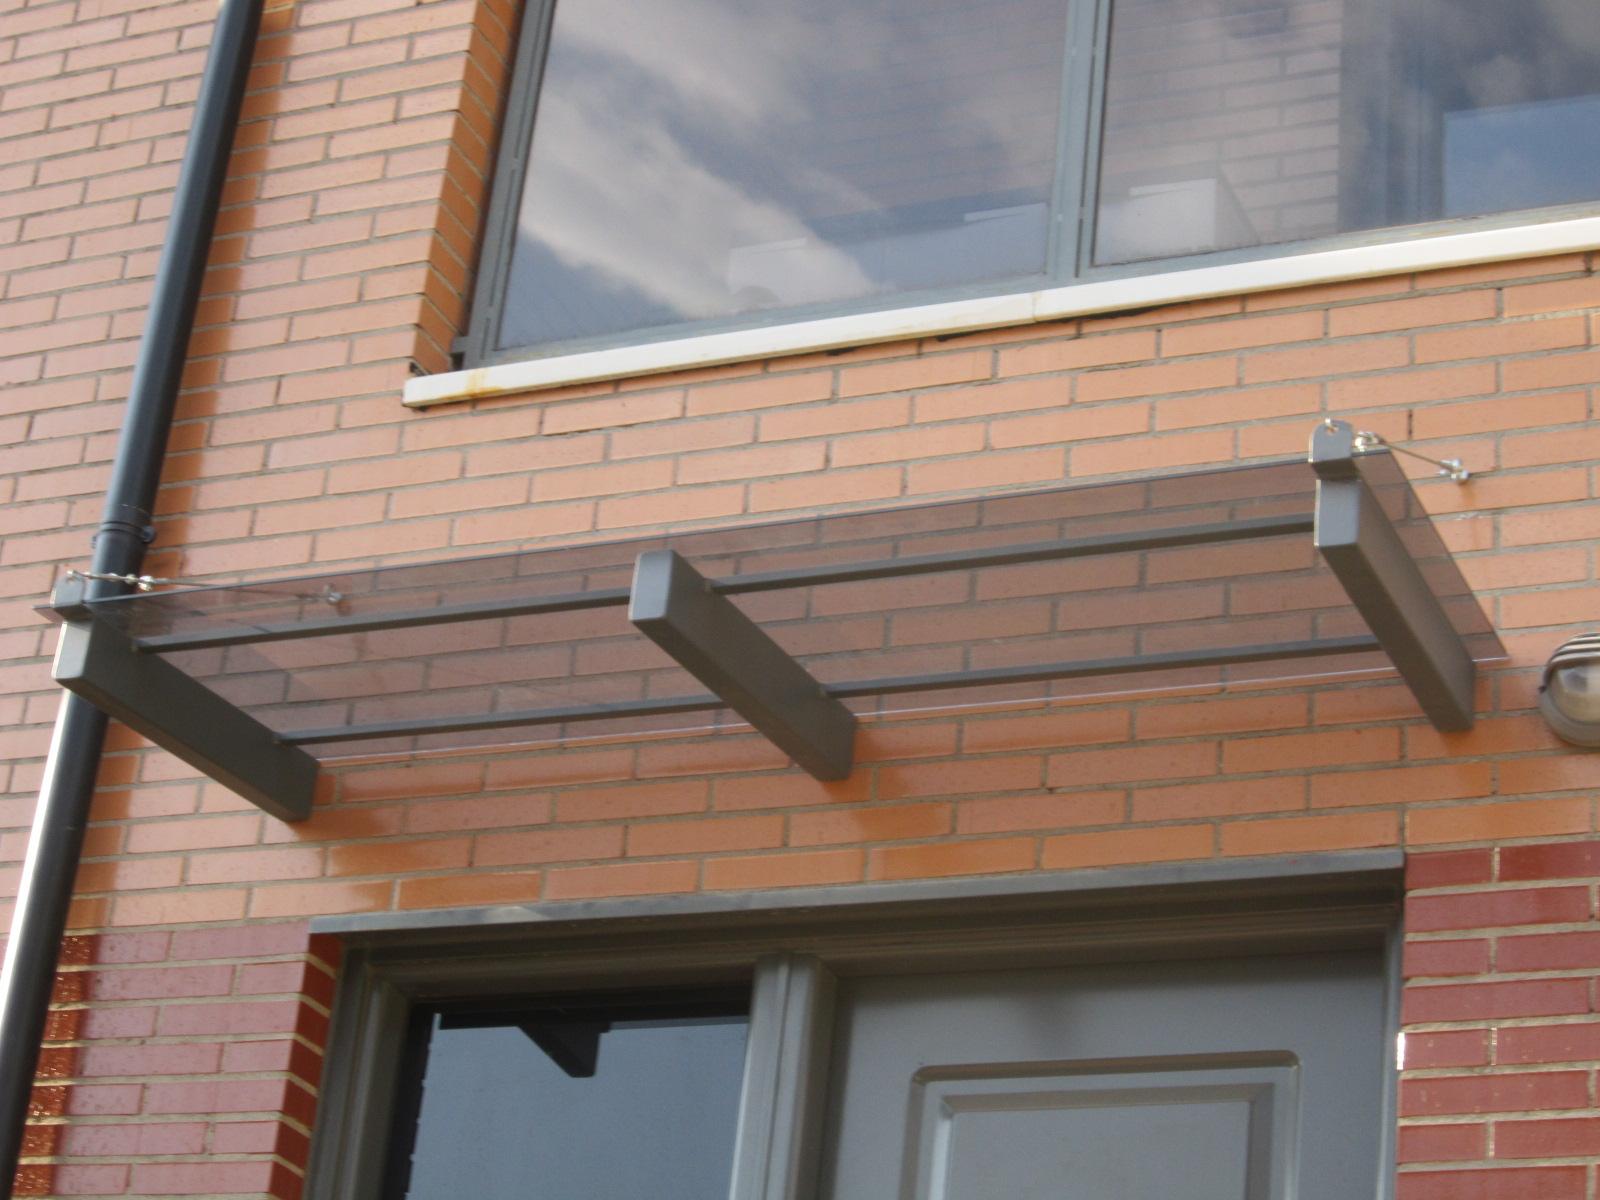 Norbel carpinteria met lica y acero inoxidable tejadillo de de hierro y cristal con tensores - Tejadillo para puerta ...